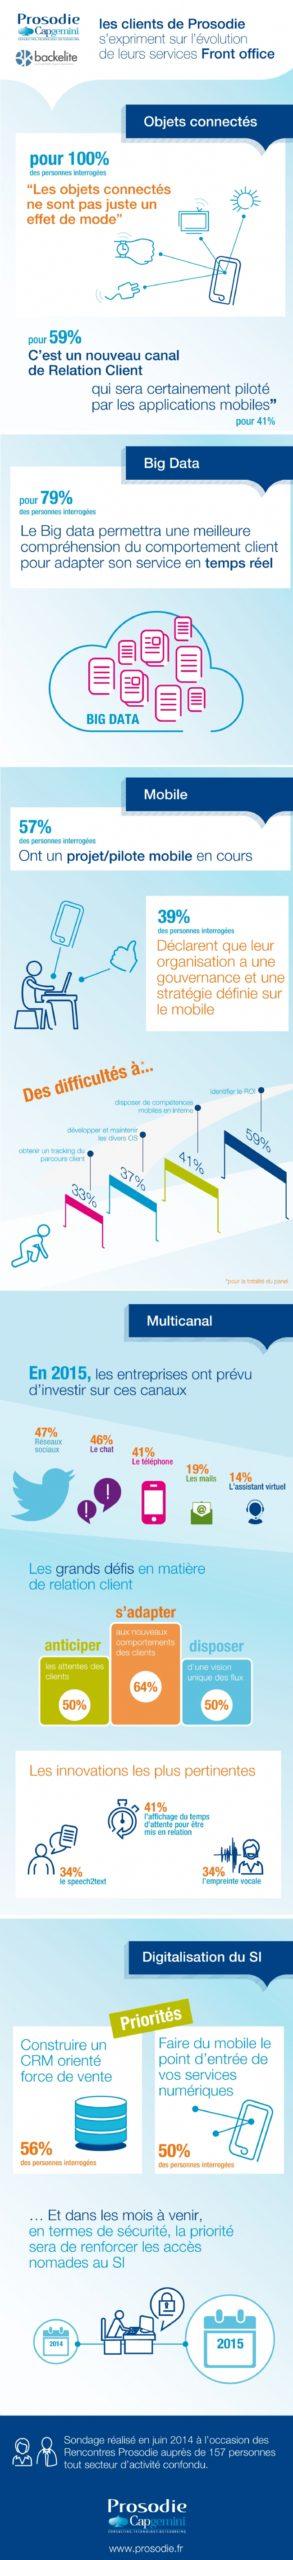 En-2015-la-moitié-des-entreprises-vont-investir-dans-les-réseaux-sociaux-